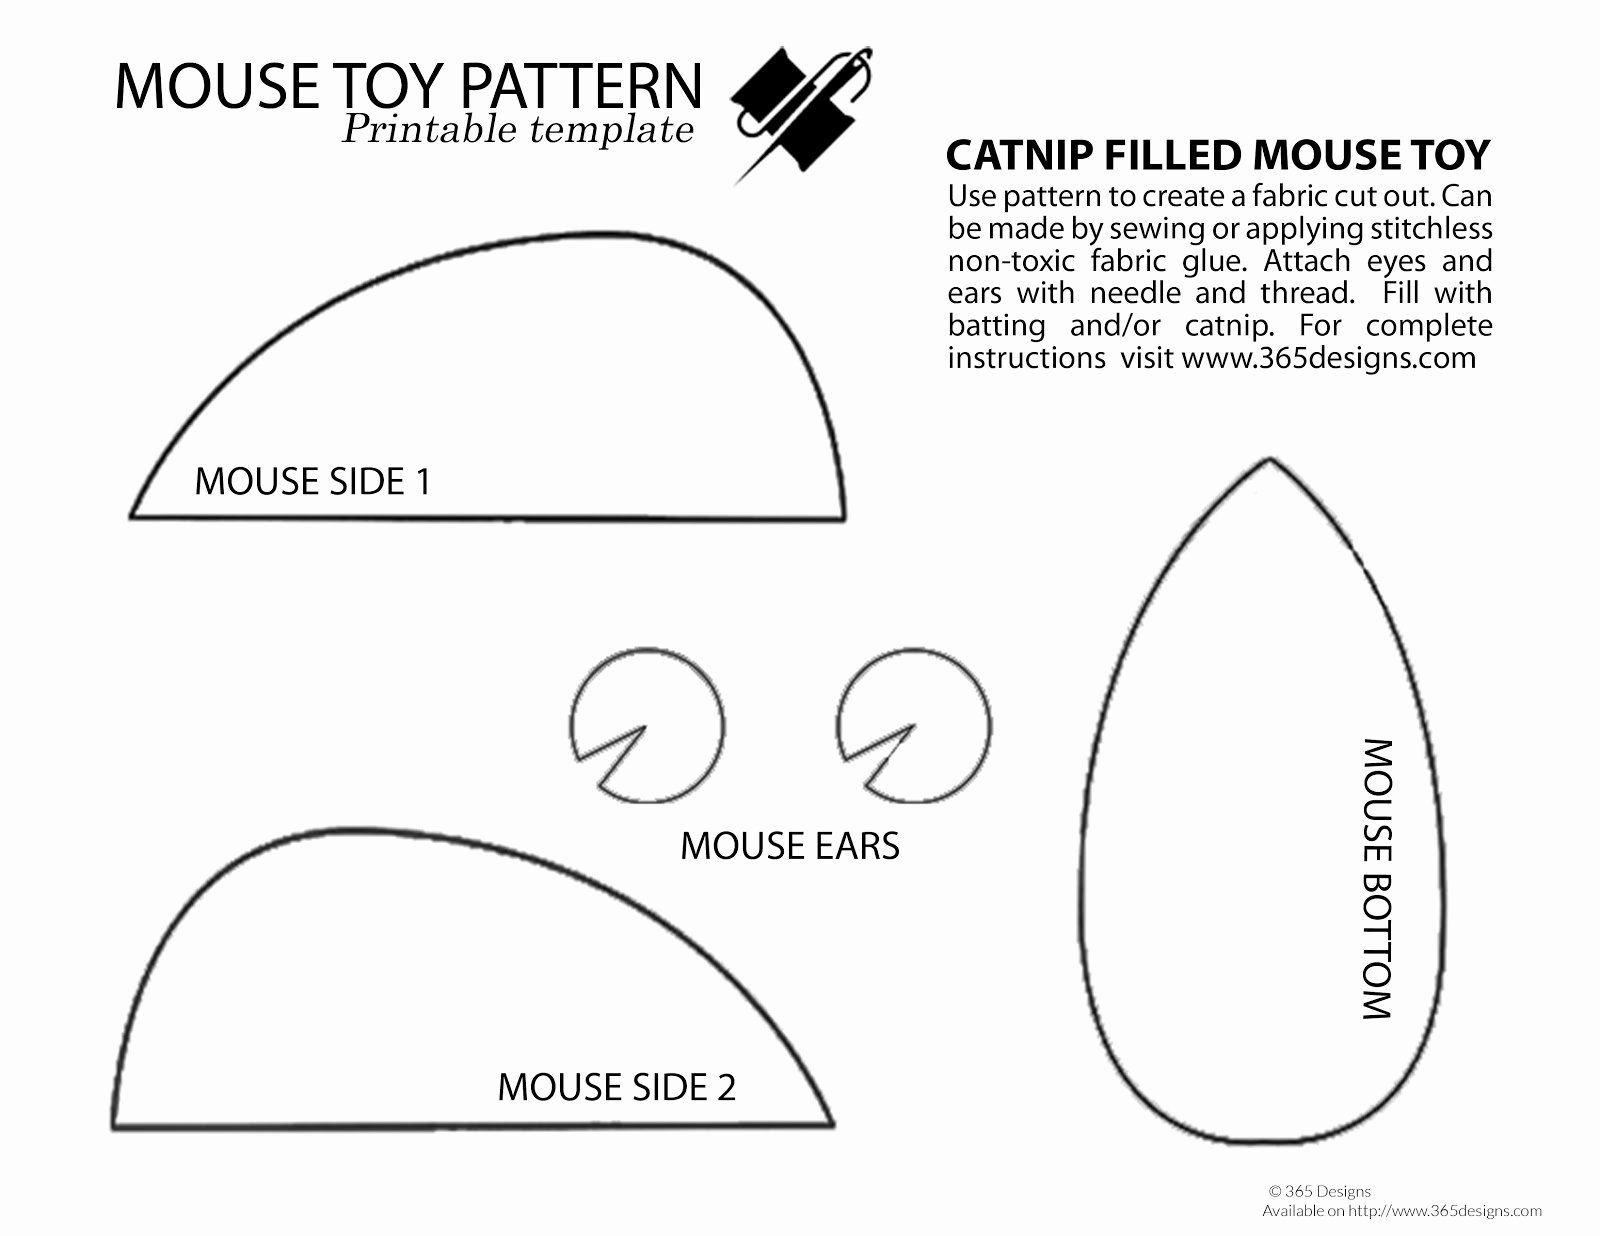 Mouse Cut Out Template Unique 365 Designs Diy Burlap and Denim Mouse toy